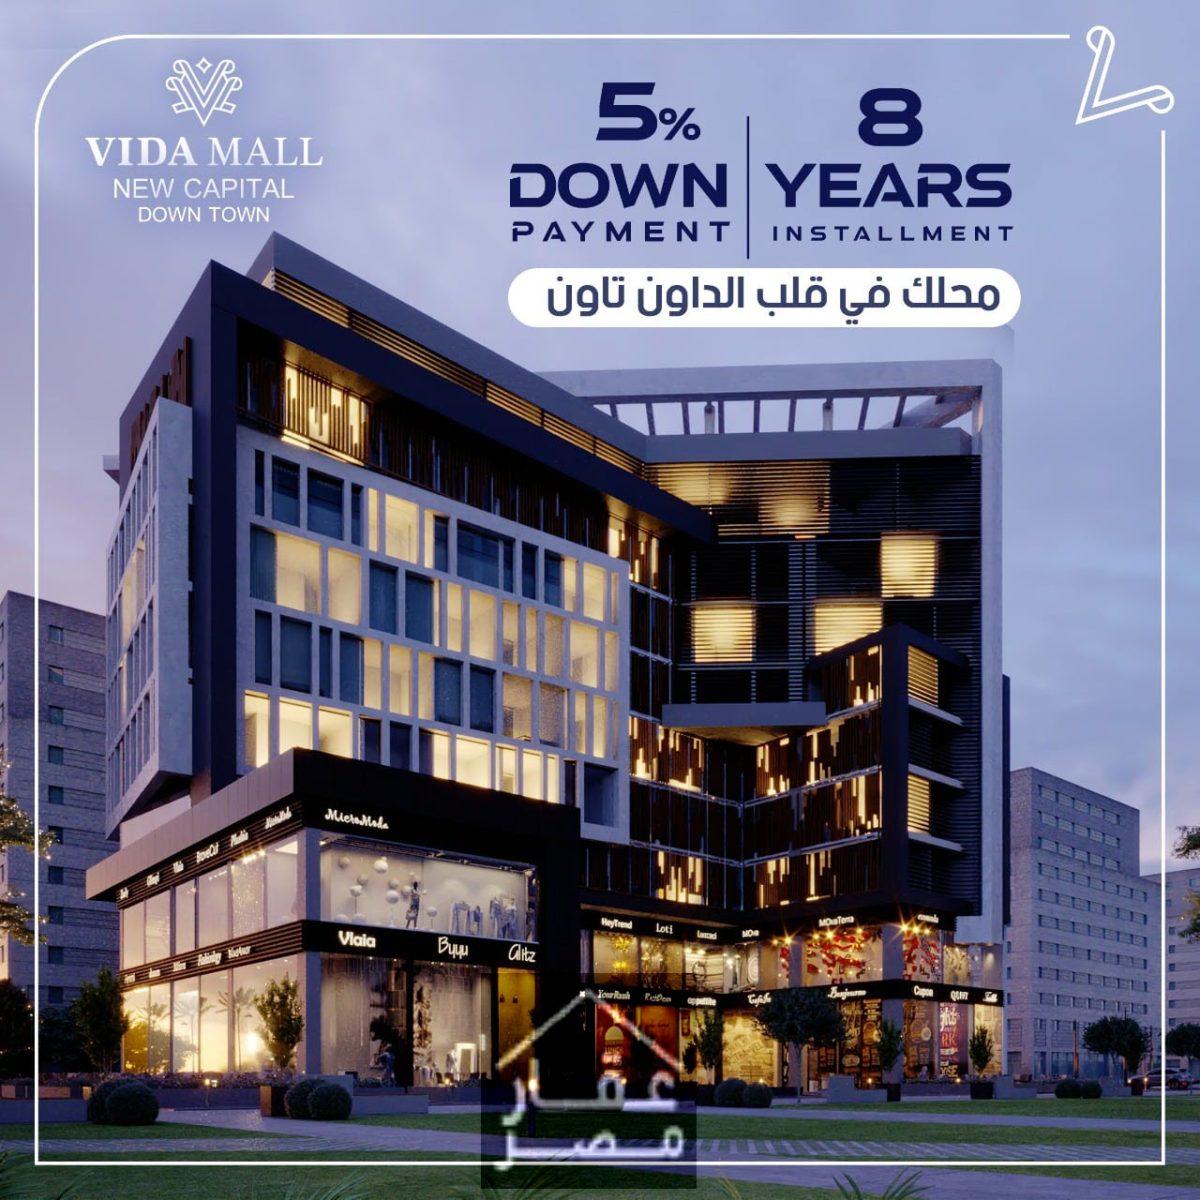 فيدا ويست مول العاصمة الإدارية Vida West New Capital